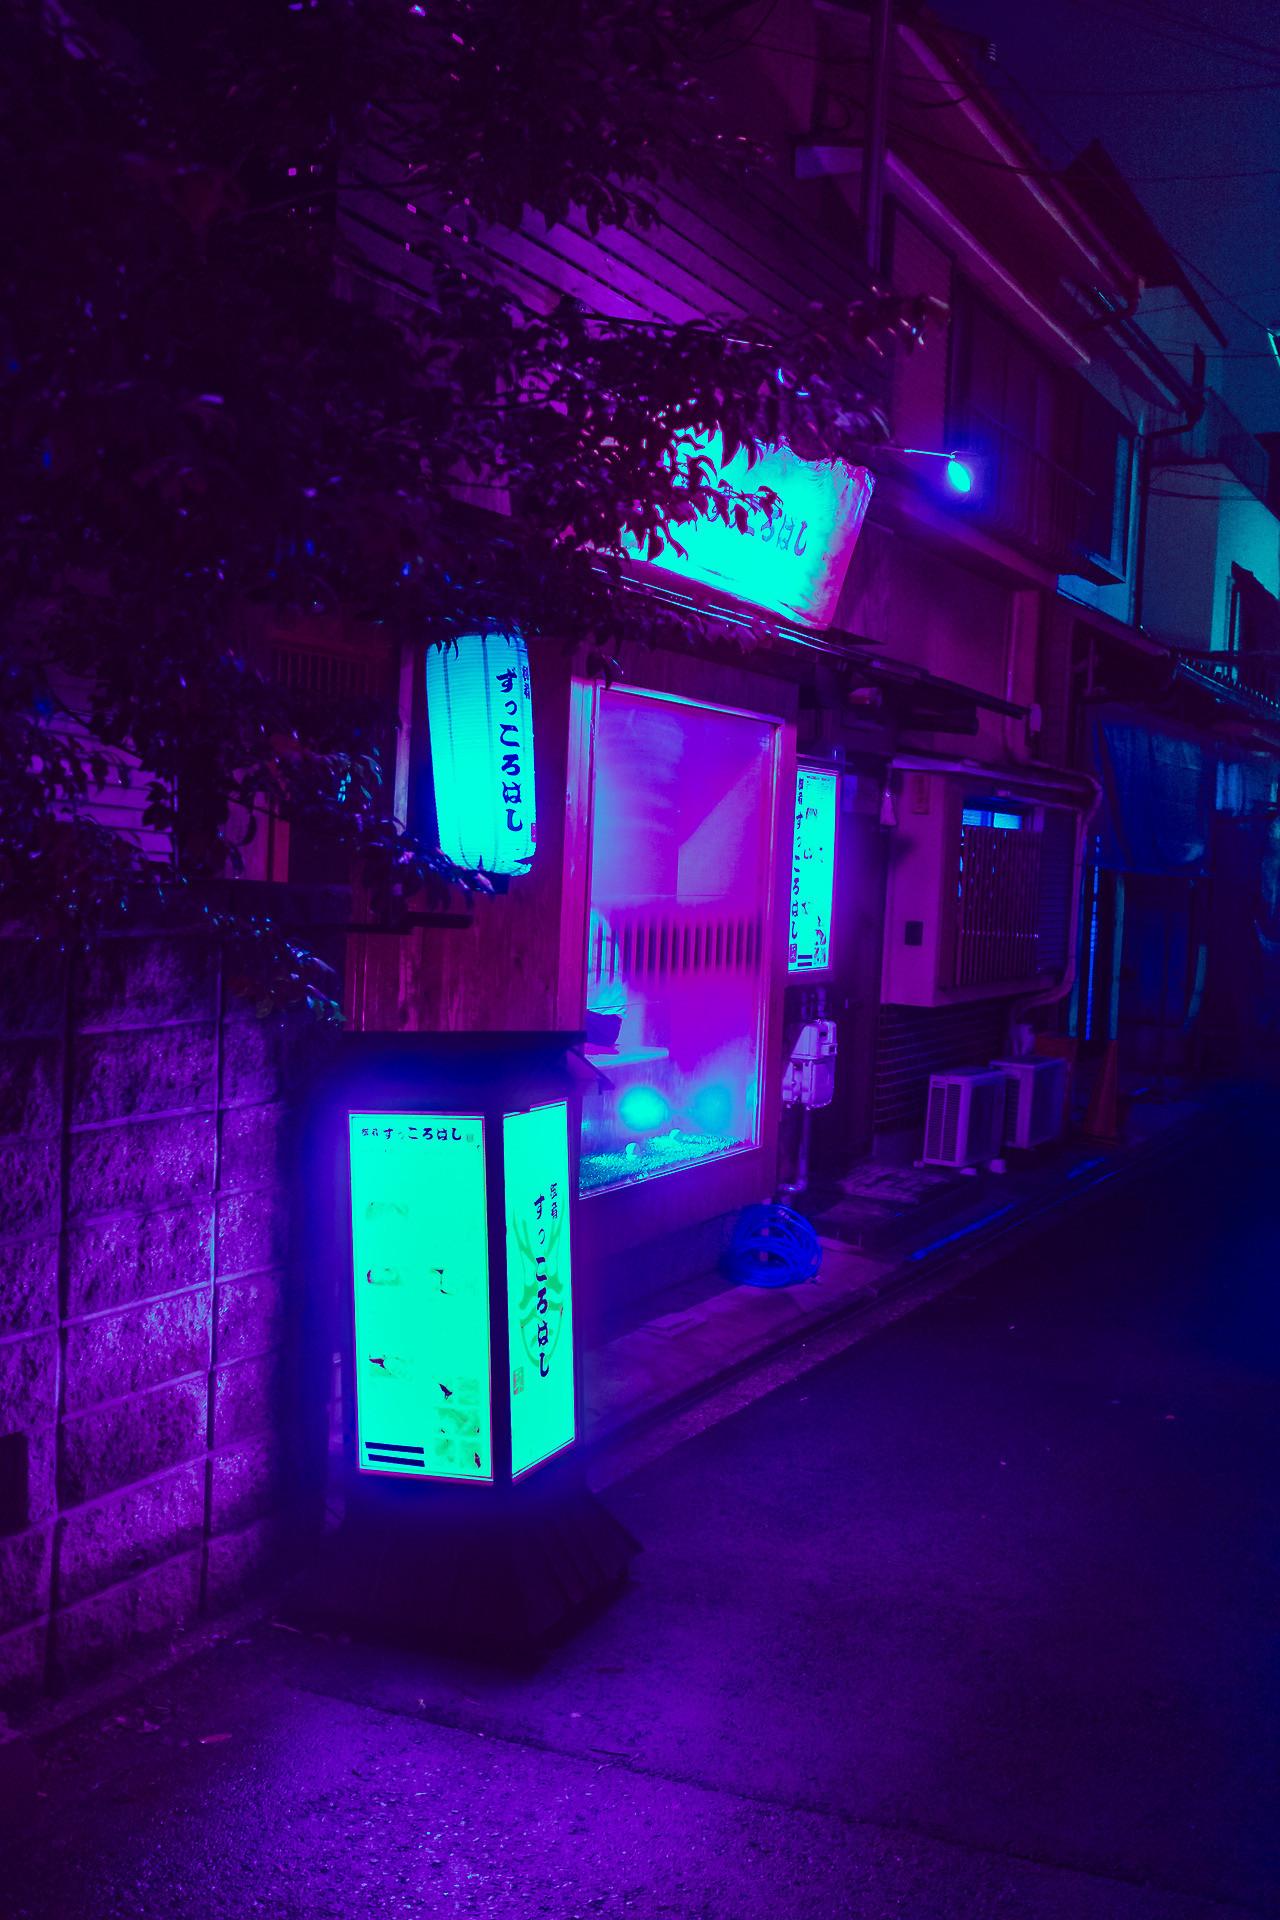 Neon Lights iPhone Wallpaper (76+ images)